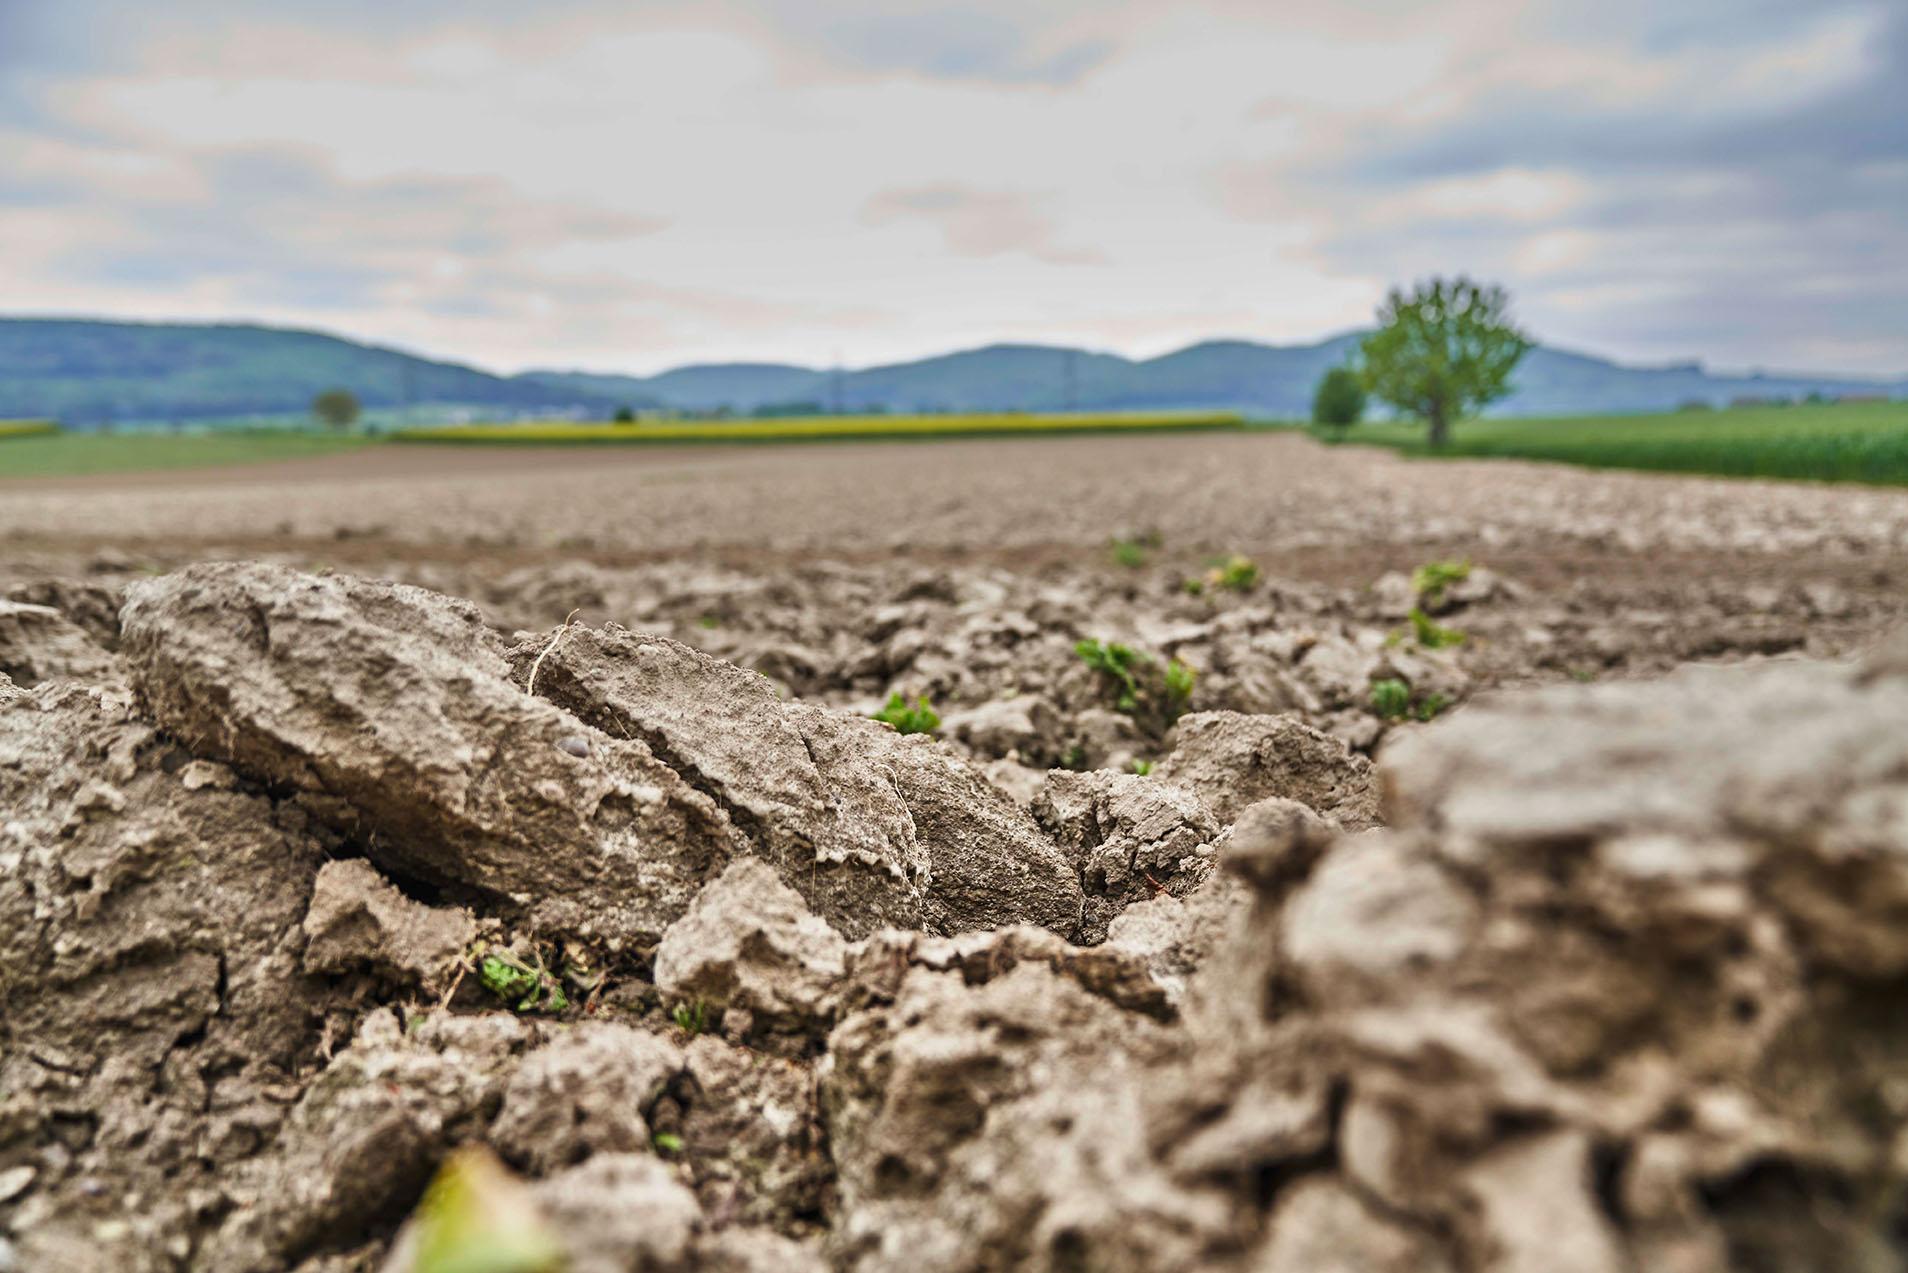 Dieses Label steht für Natürlichkeit, Nachhaltigkeit und Frische. Schweizer Landwirte, die ihre Erzeugnisse mit «Suisse Garantie» bezeichnen möchten, unterliegen strengsten Richtlinien. So etwa müssen sie eine ausgeglichene Düngerbilanz vorweisen und einen ökologischen Leistungsnachweis erbringen. Gentechnisch veränderte Organismen, leistungsfördernde Hormone und Antibiotika sind verboten.